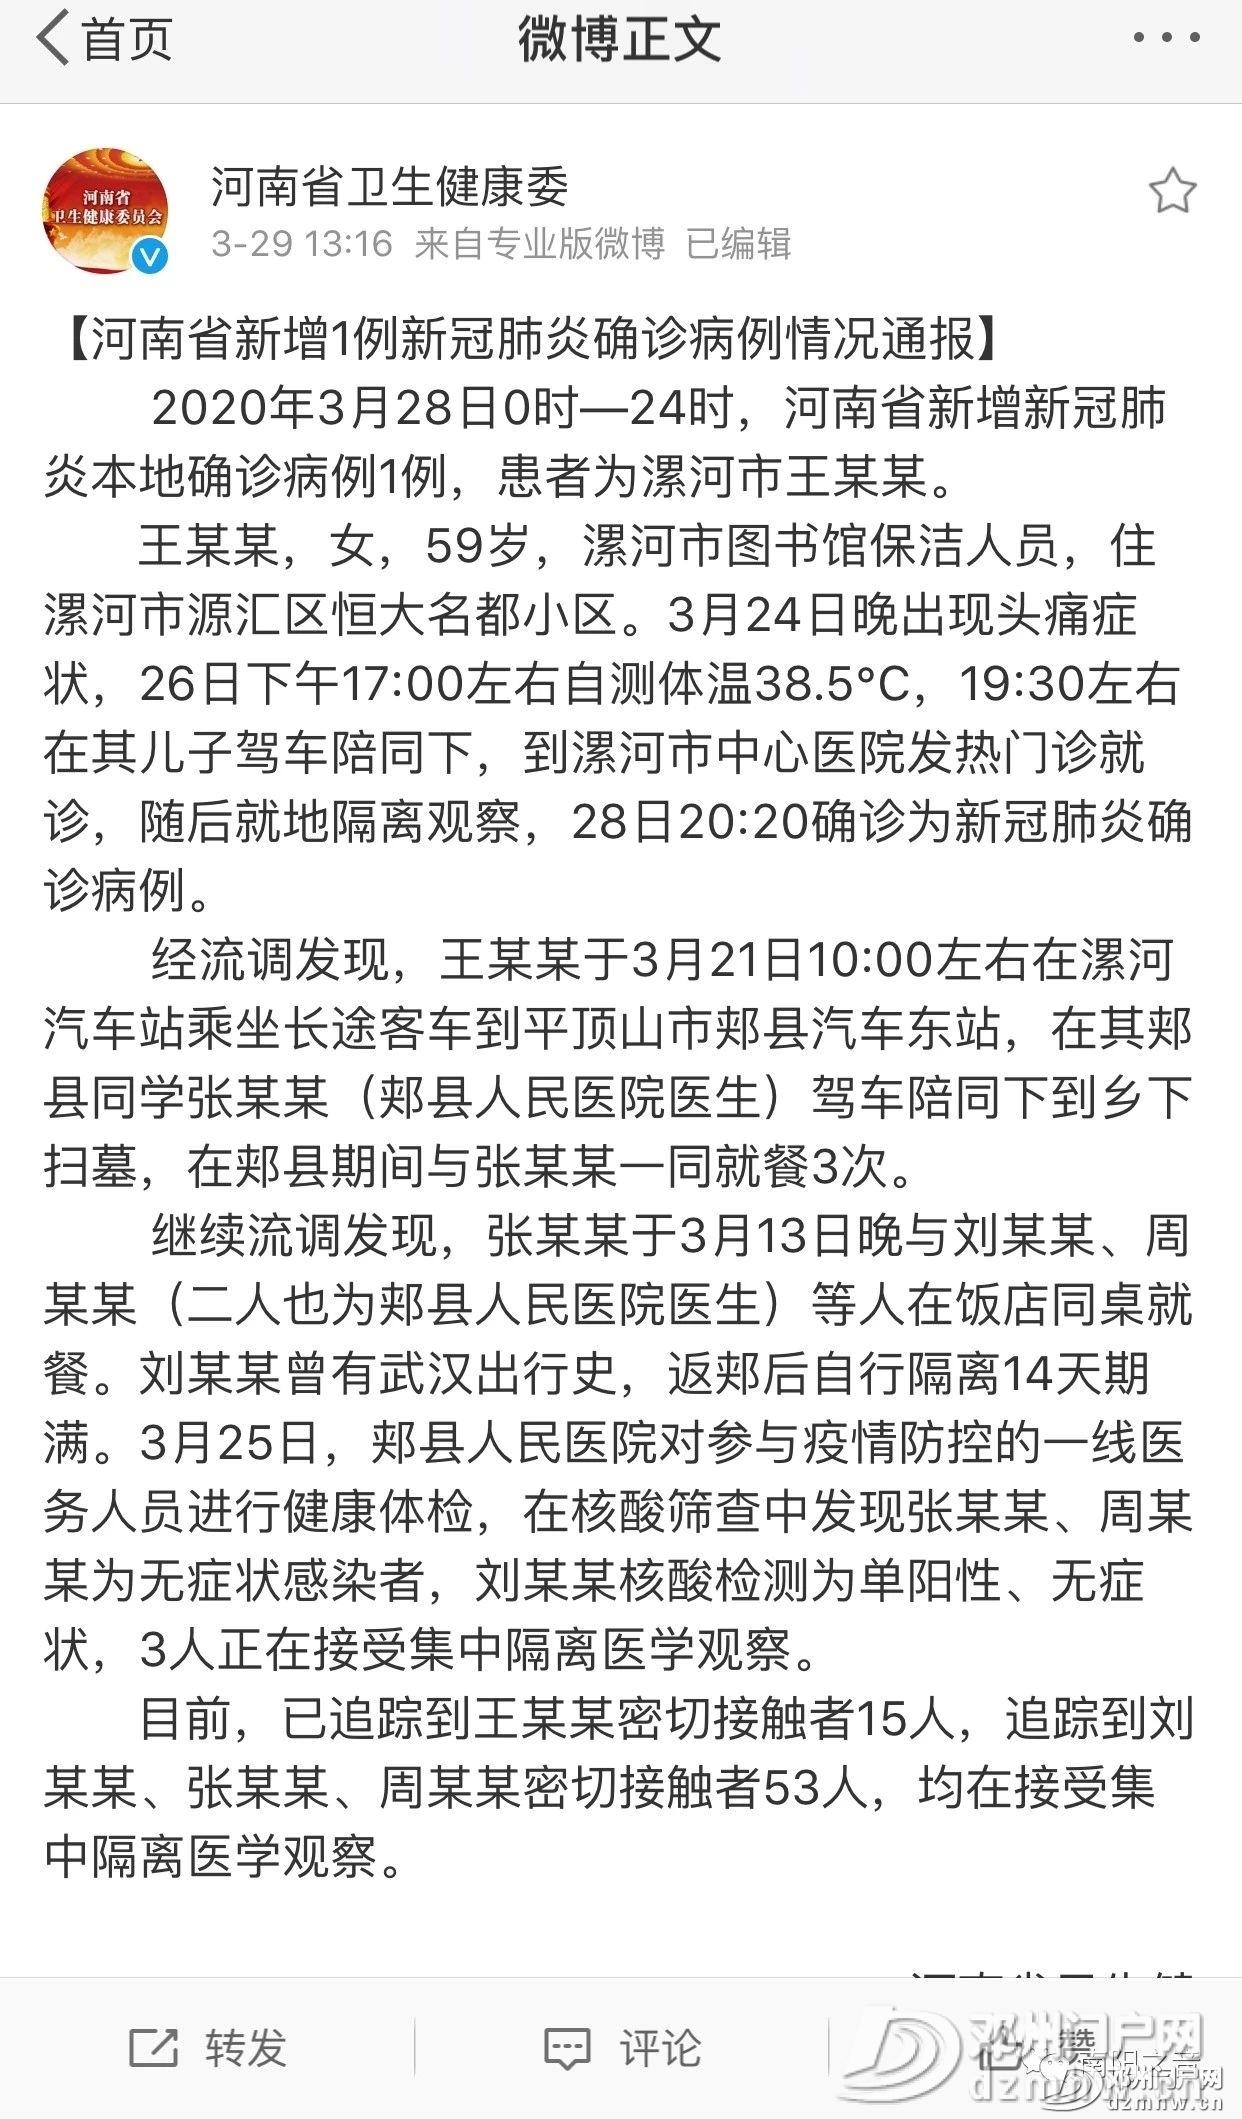 警惕!河南省新增新冠肺炎确诊病例详细情况通报 - 邓州门户网|邓州网 - e4fbaf1d8a04df9f1eedbef2921492ff.jpg